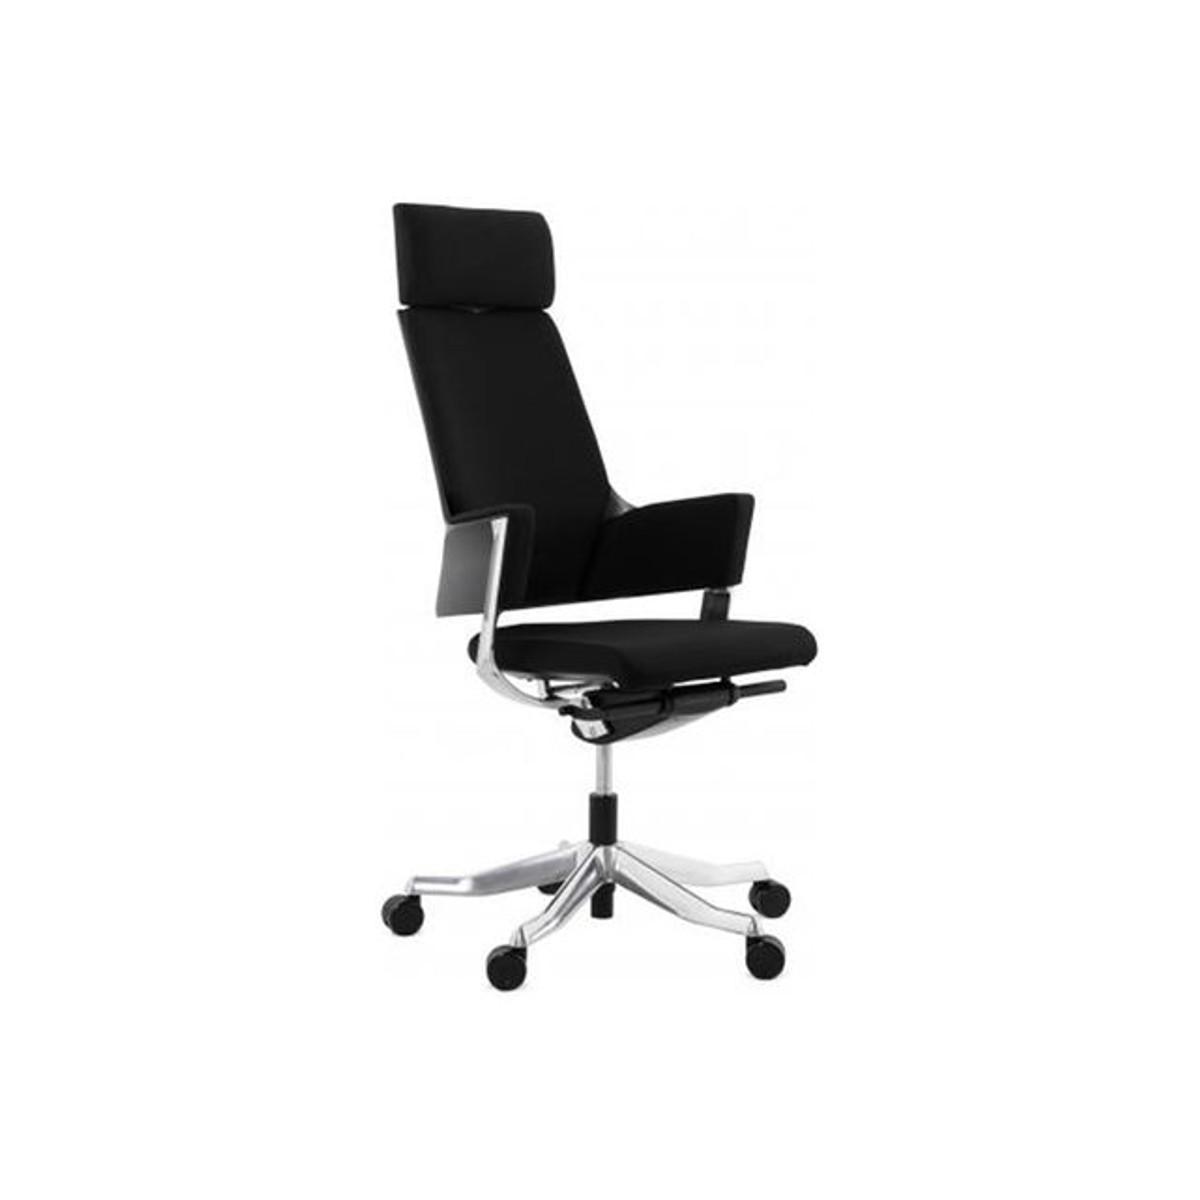 Chaise De Bureau Ergonomique Tissu Silko Chaise De Bureau Ergonomique Fauteuil Bureau Et Chaise Bureau